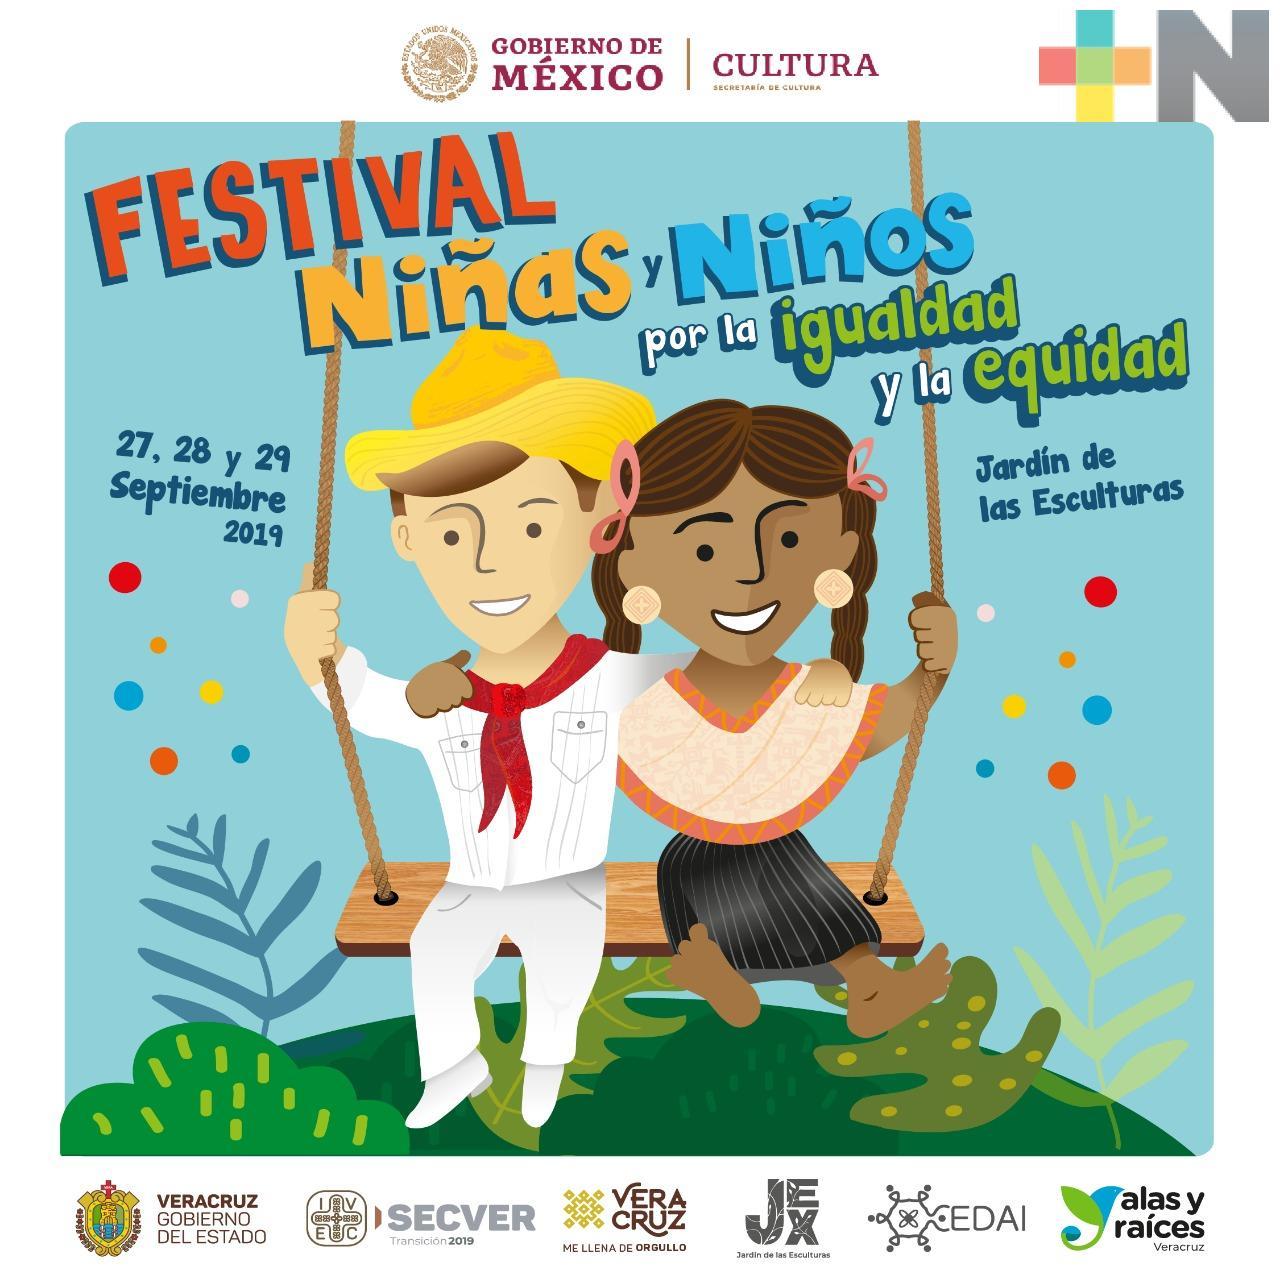 Realizará IVEC Festival para educar en la igualdad y equidad